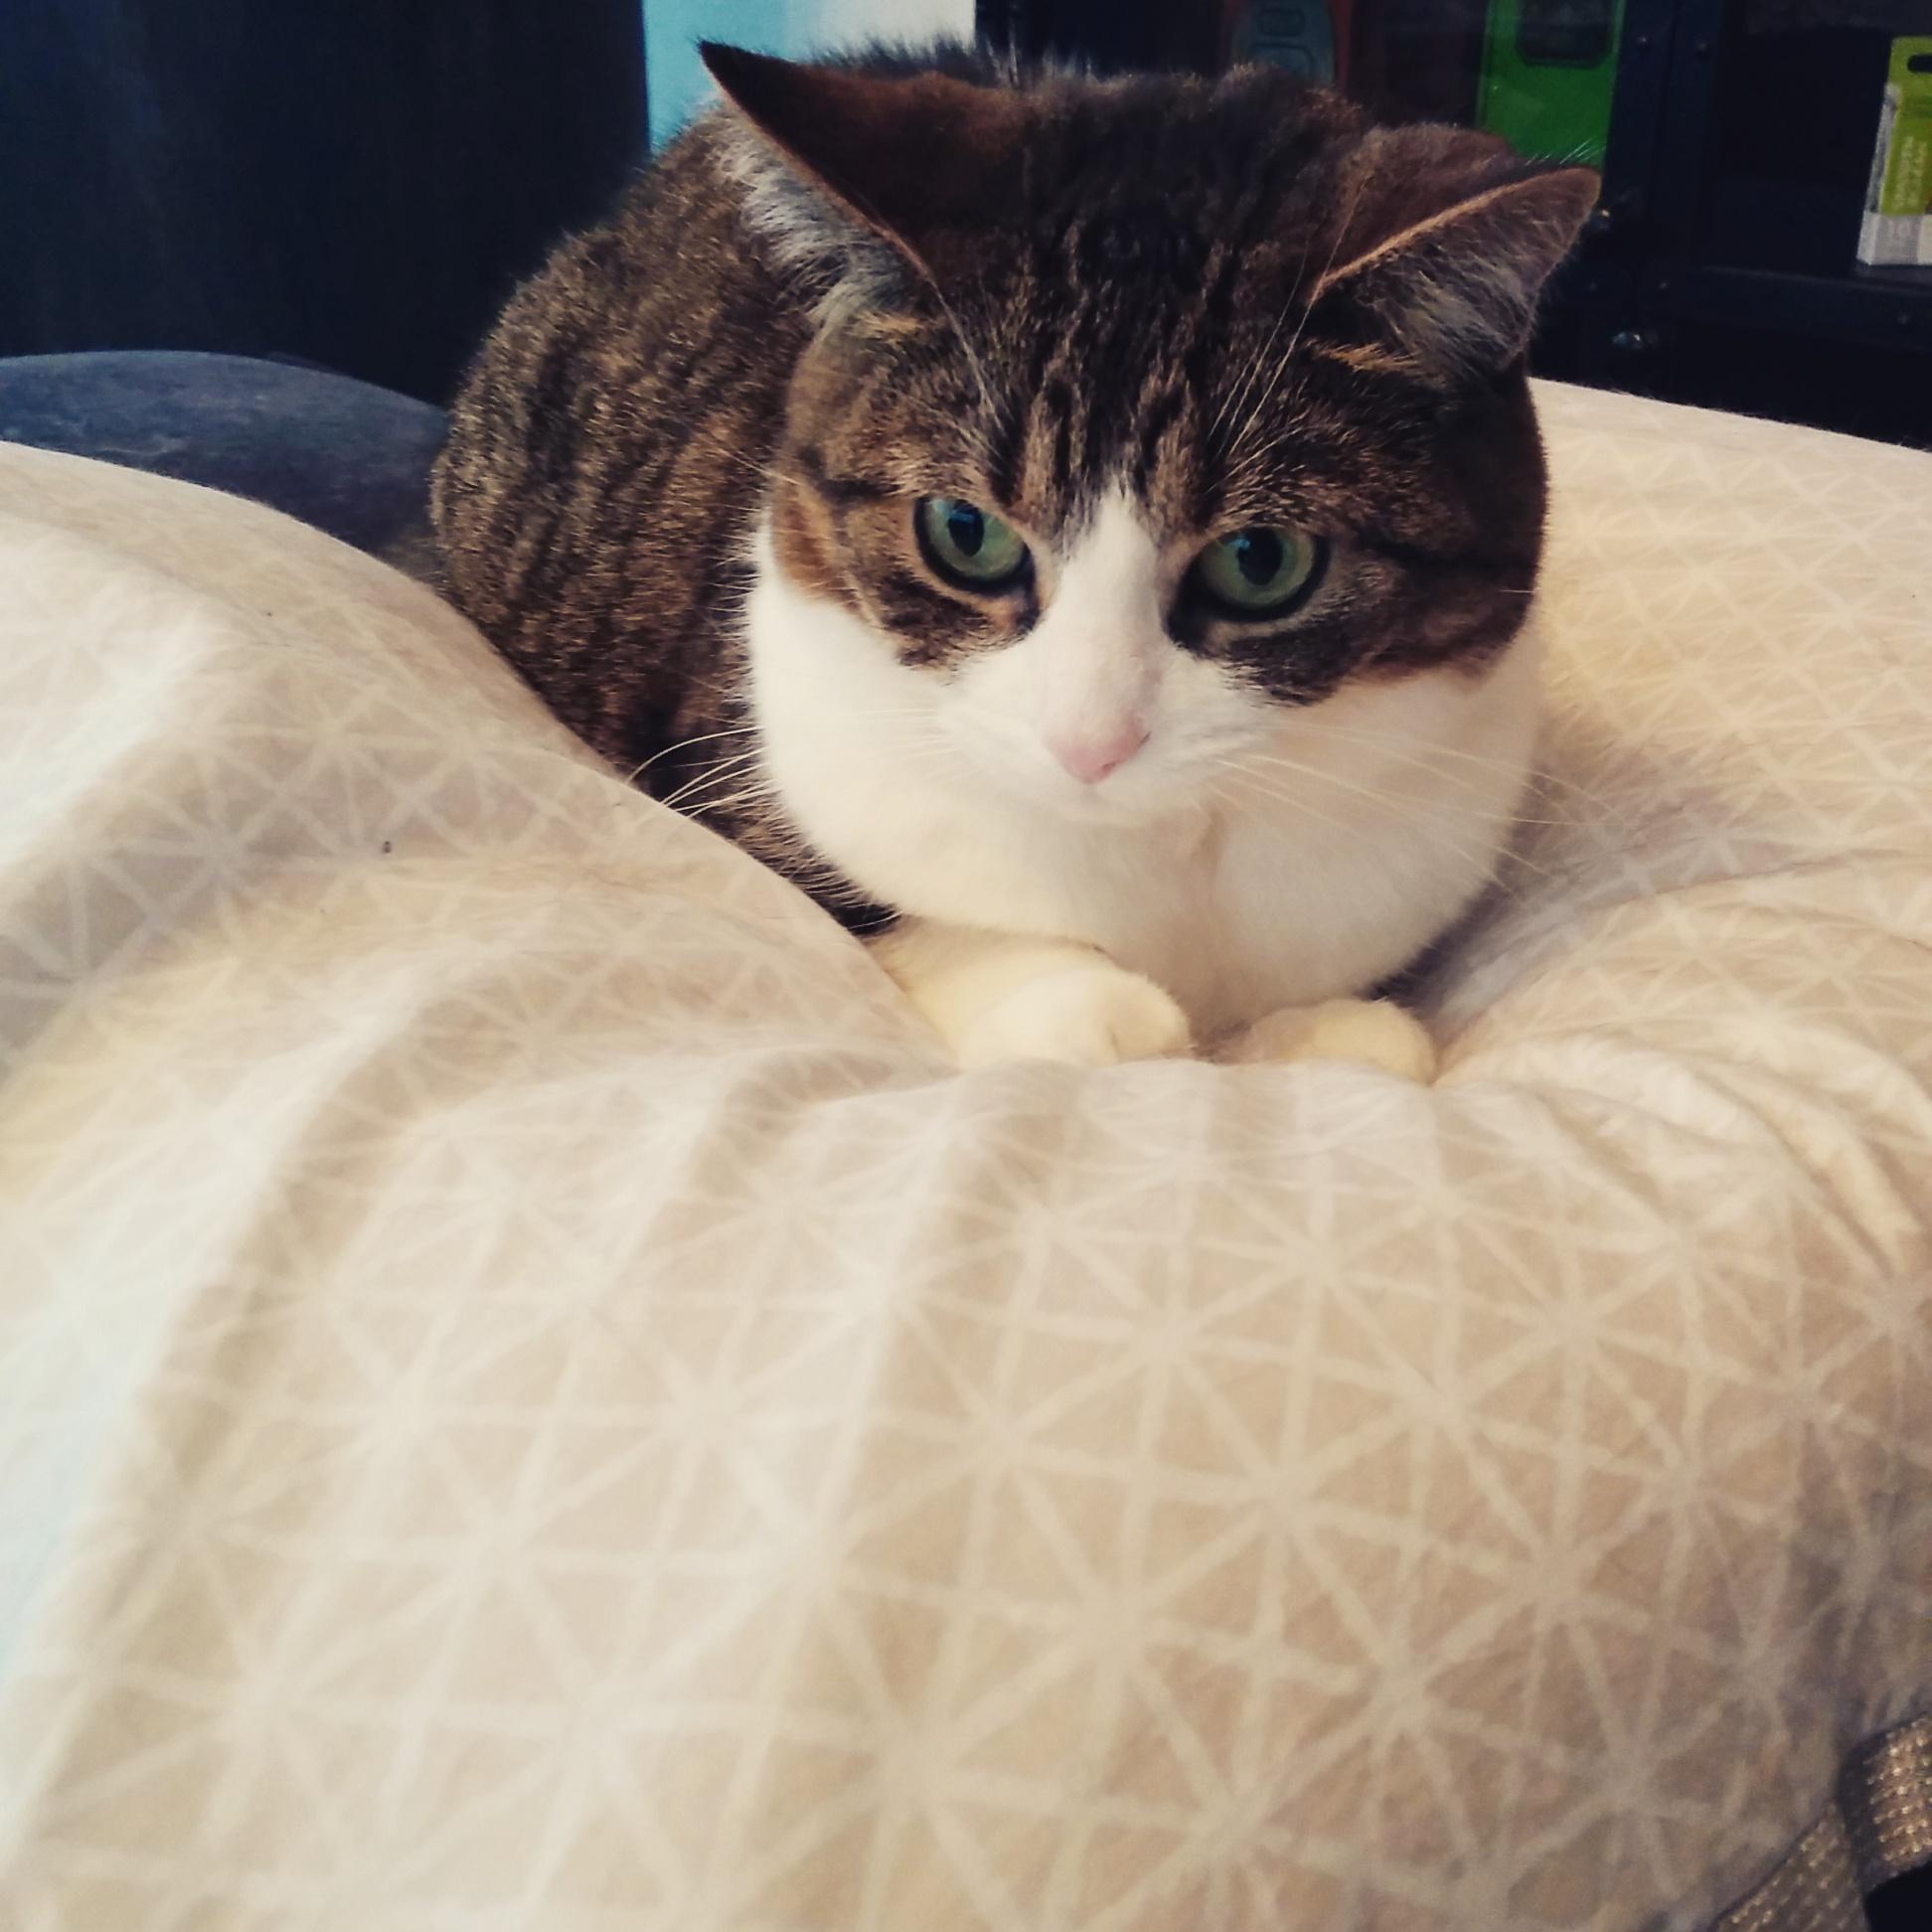 오랜만에 돌아온 이웃의 고양이.